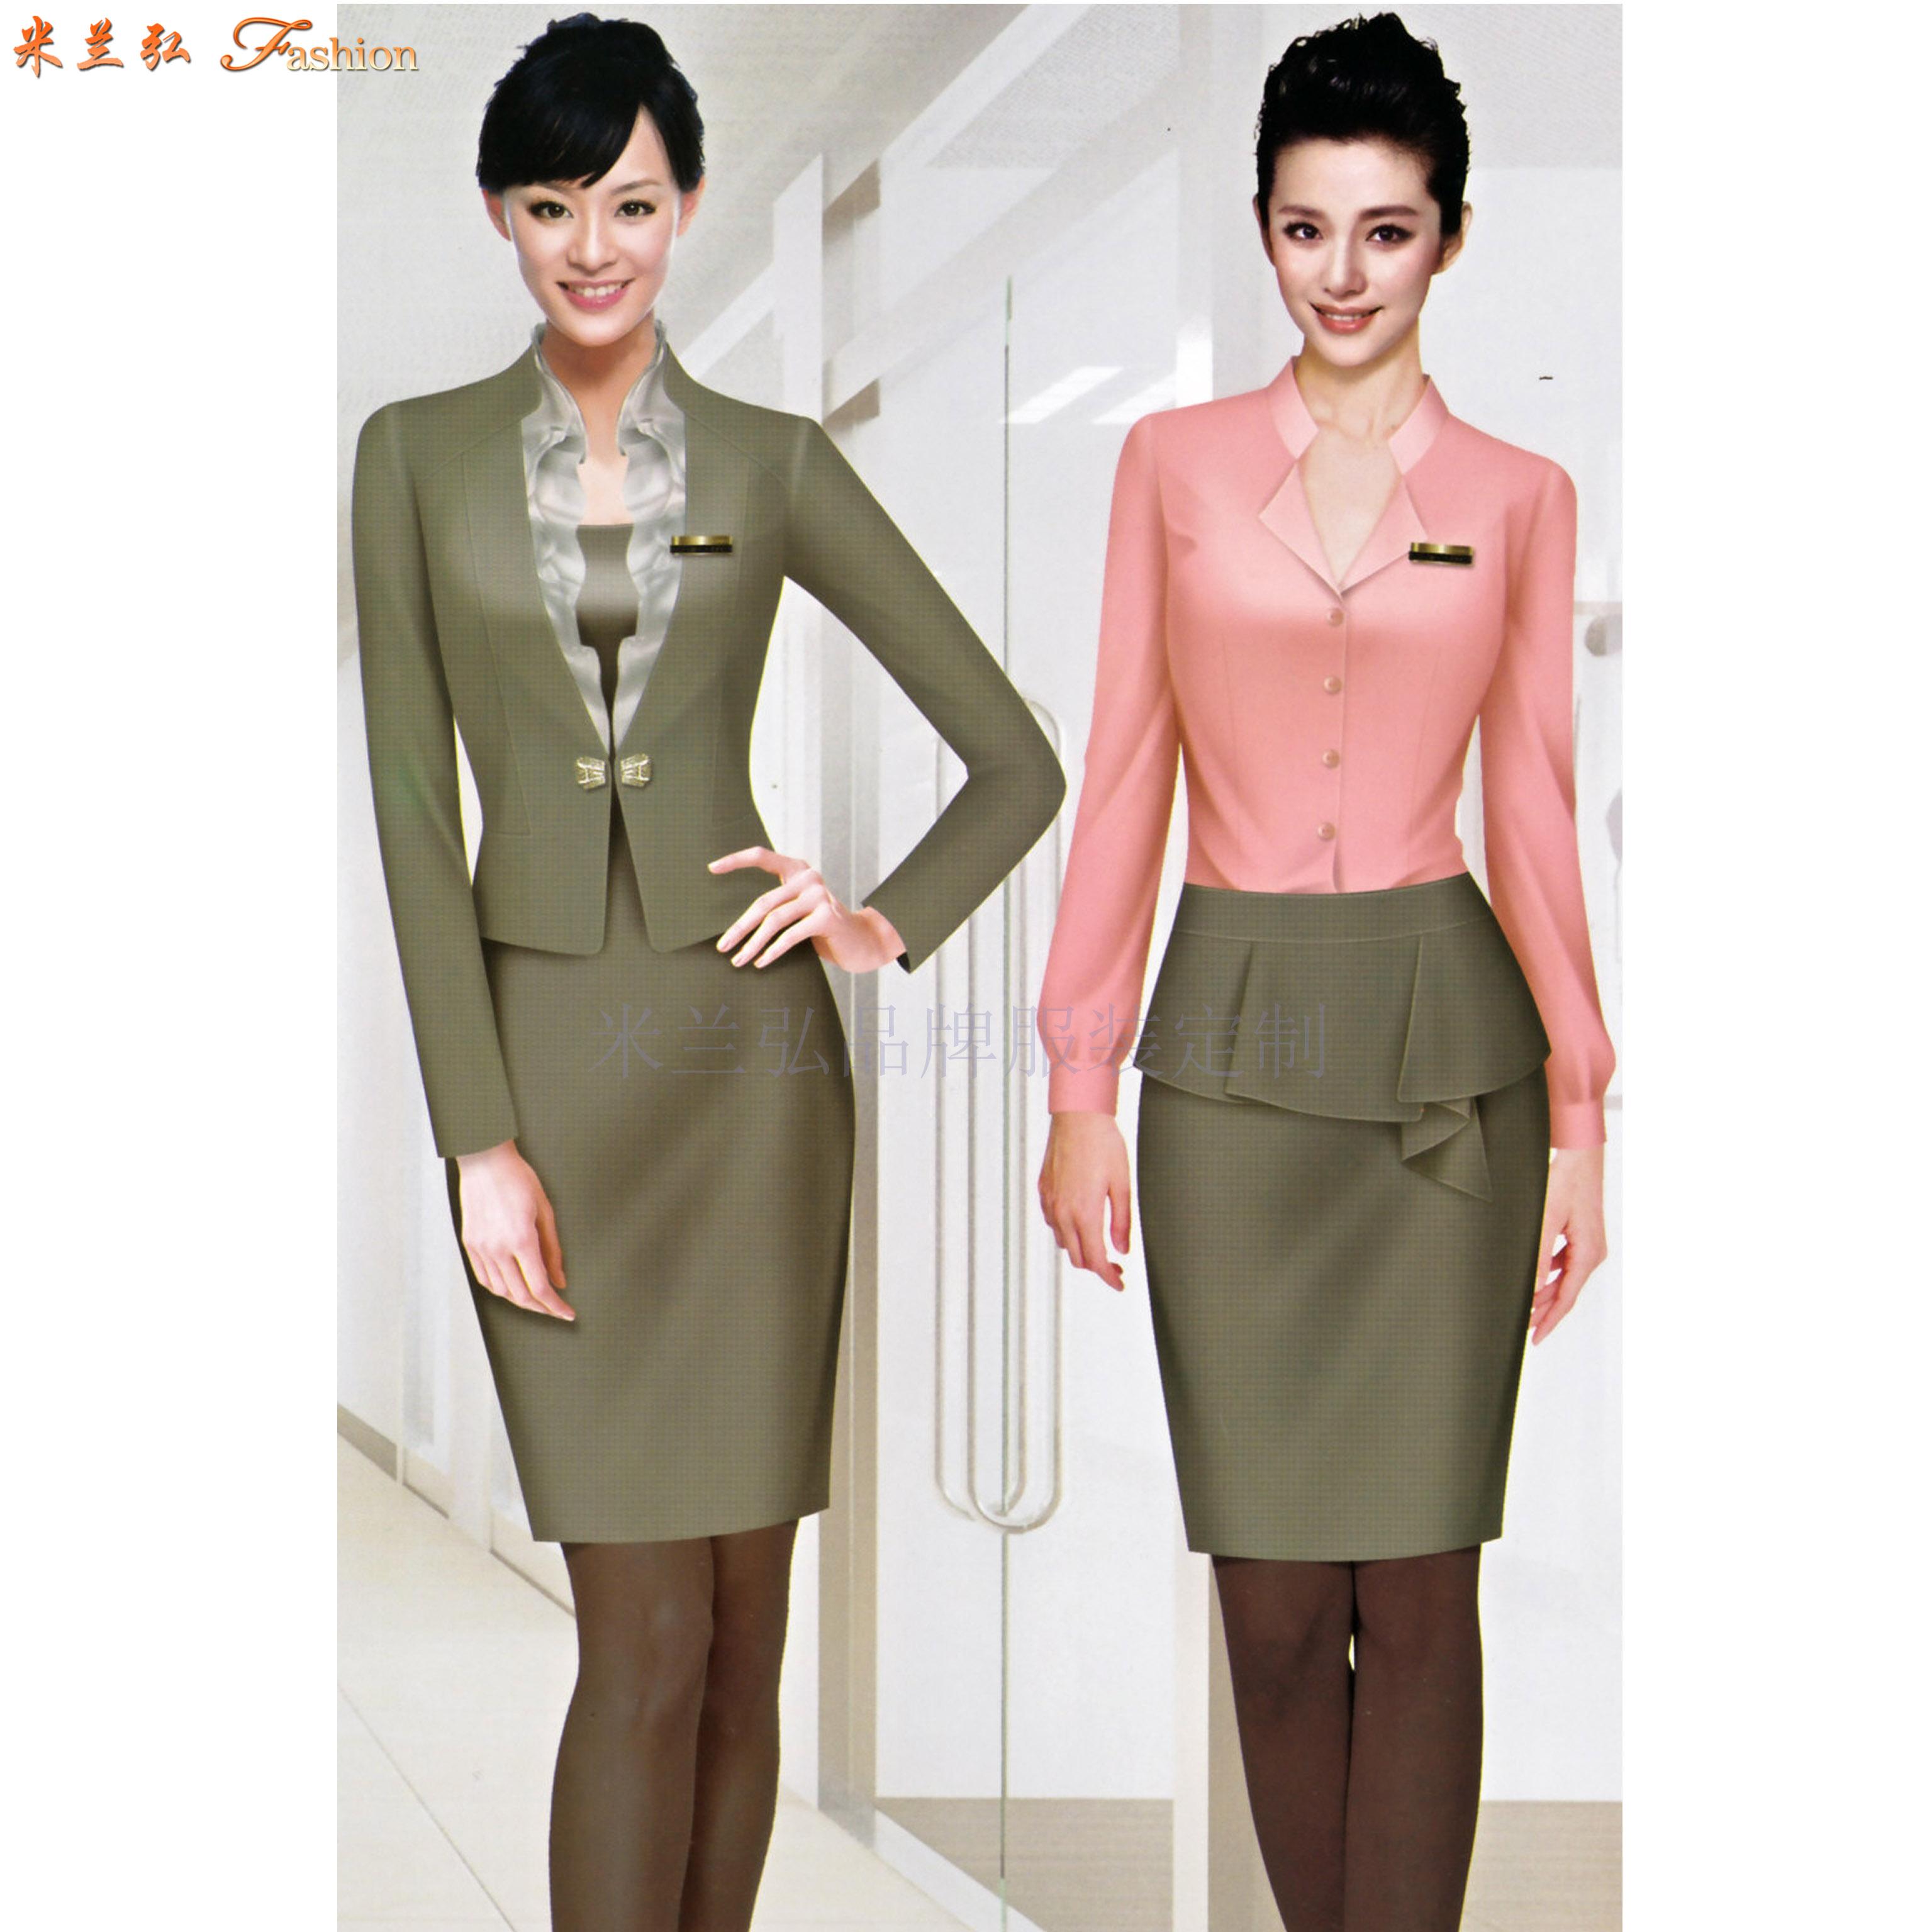 「服装设计」工作服设计的3个性质及类别-米兰弘服装-2